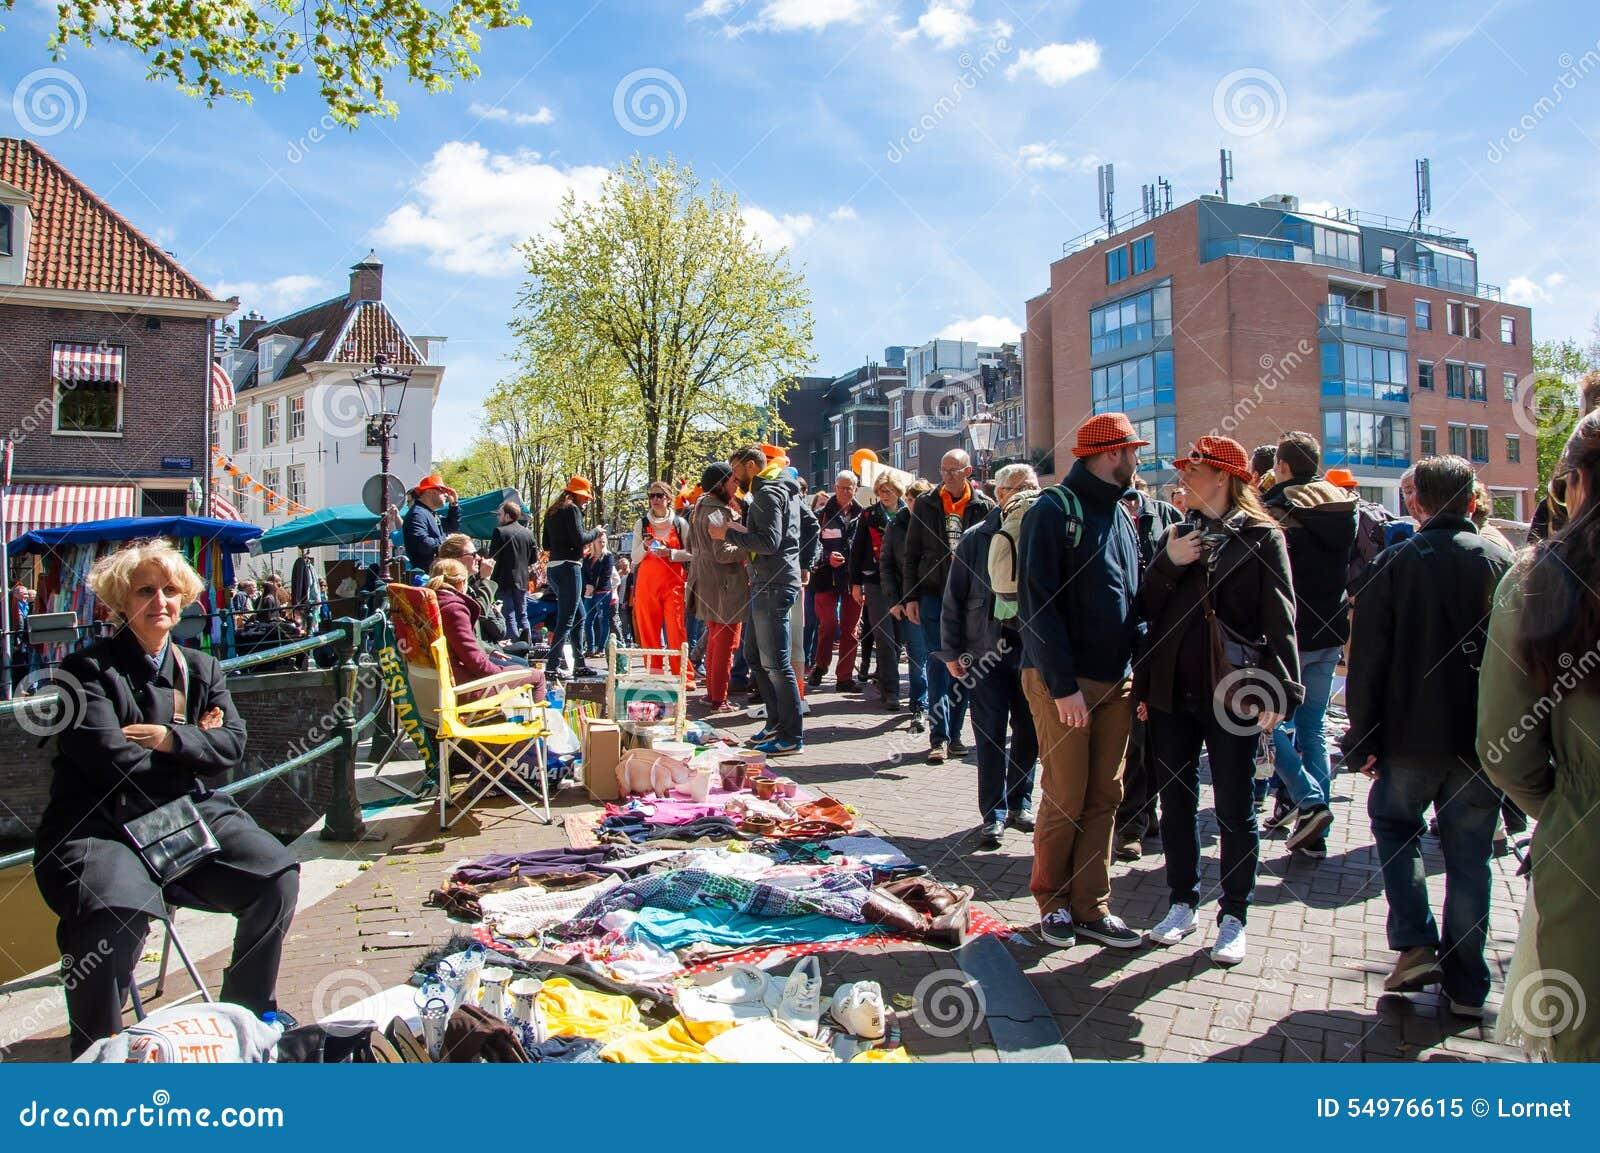 AMSTERDÃO 27 DE ABRIL: Os Locals indicam suas coisas velhas para a venda no centro velho de Amsterdão no Dia do rei o 27 de abril